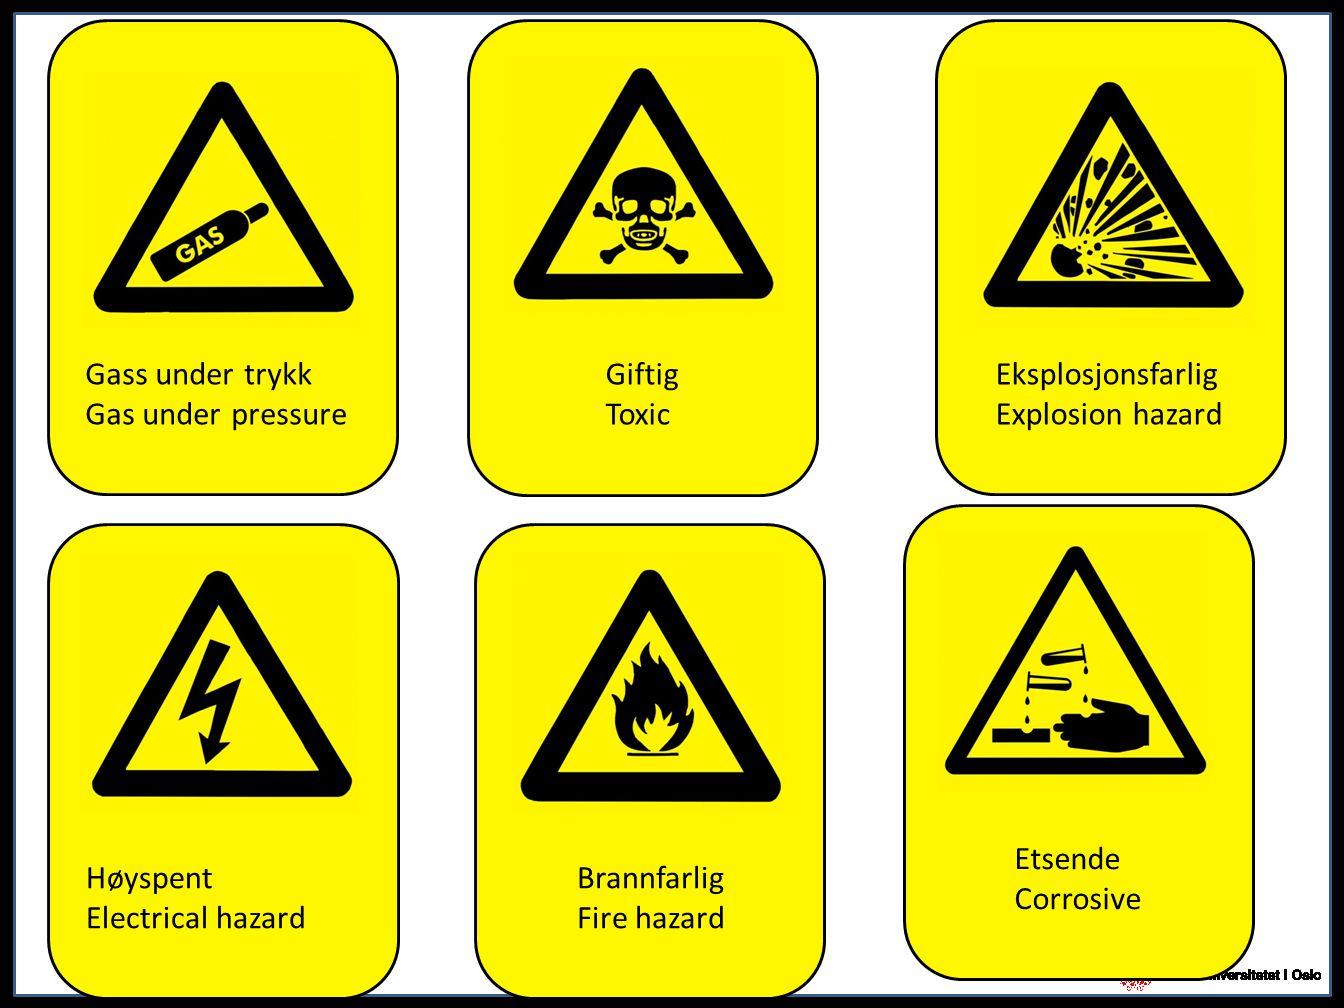 Gass under trykk Gas under pressure Eksplosjonsfarlig Explosion hazard Høyspent Electrical hazard Brannfarlig Fire hazard Etsende Corrosive Giftig Tox